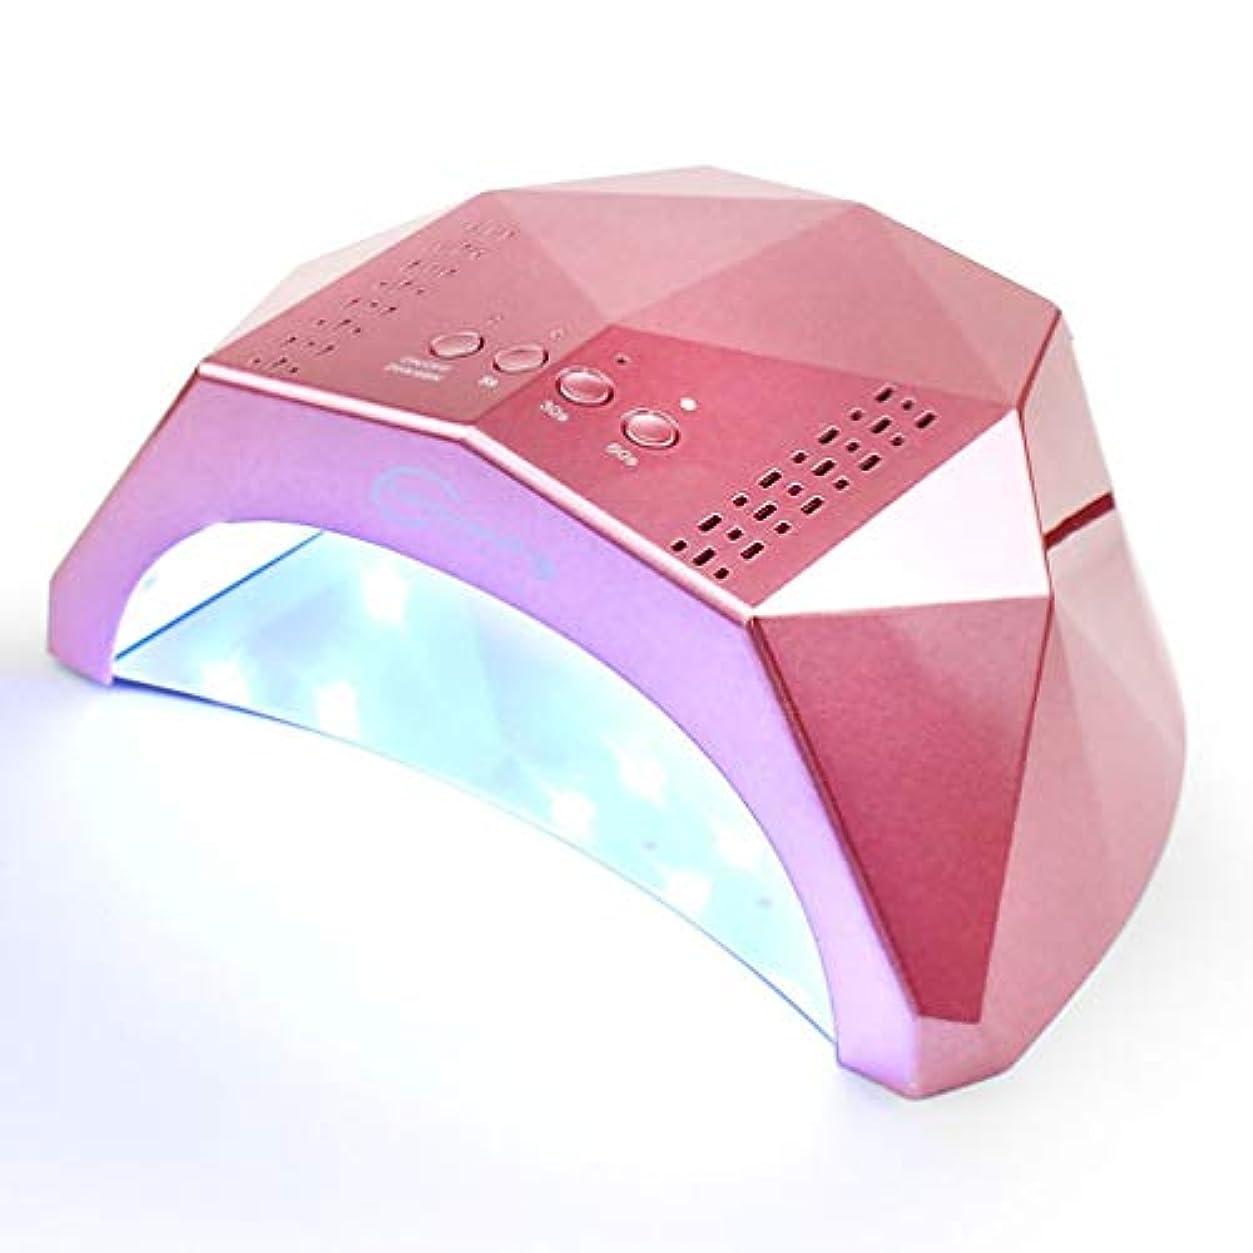 寓話赤面十億UV/LEDネイルライト、ポータブルネイルドライヤー、24W / 48Wスイッチ、3スピードタイミング、5秒速乾性、スマートセンサー、ブラックハンド(ピンク)